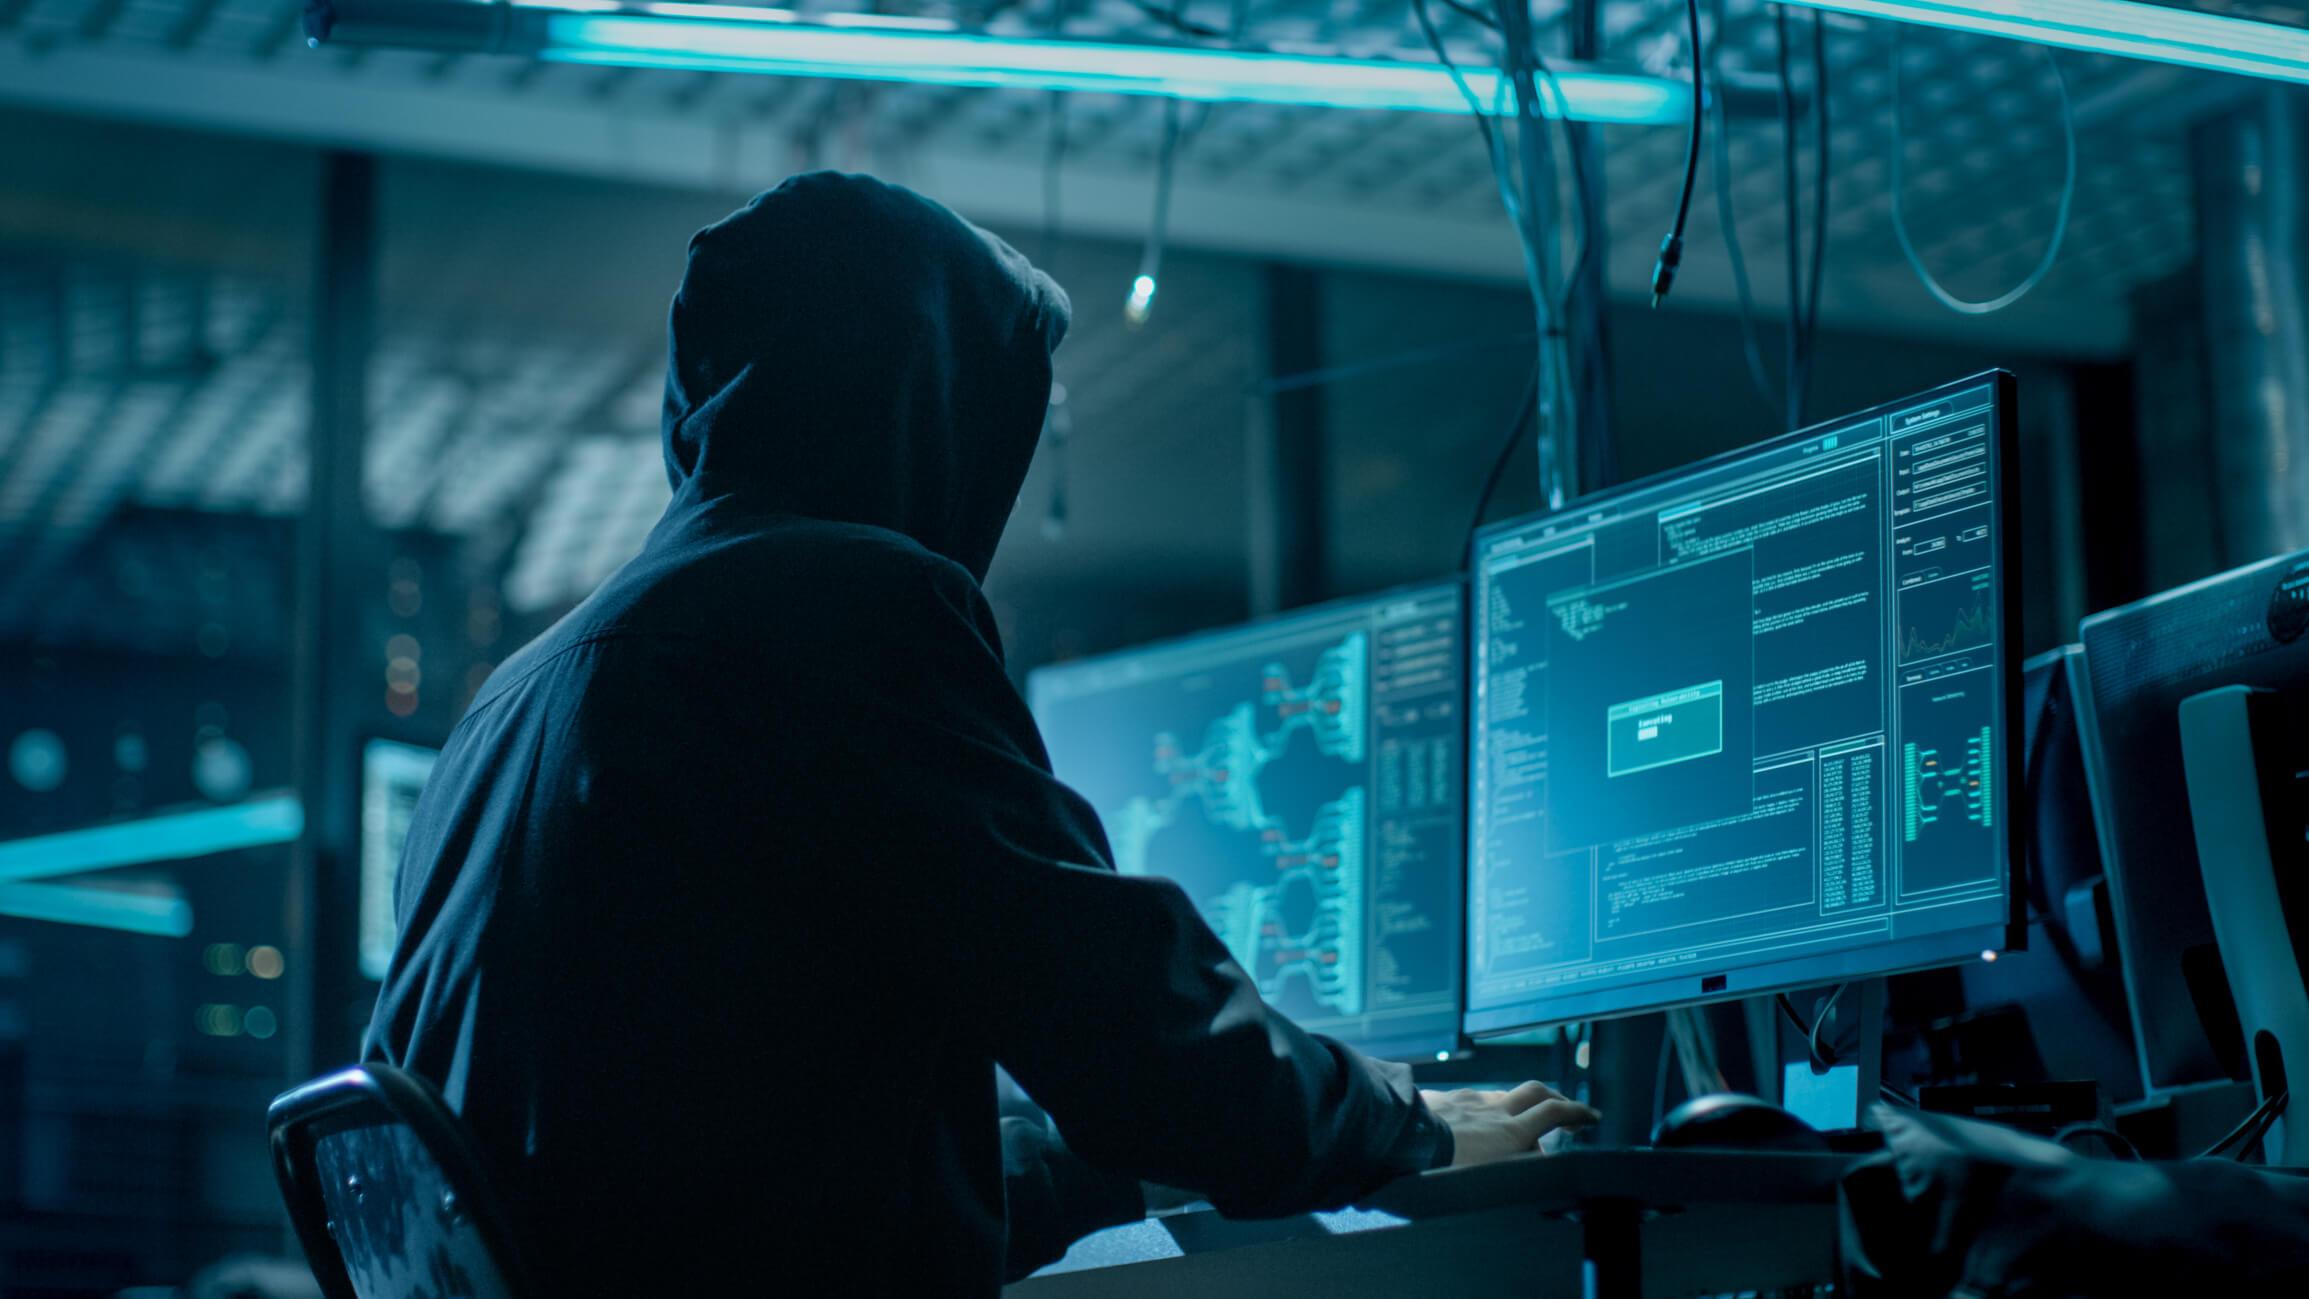 5 lições que podemos aprender com os escândalos de vazamento de dados